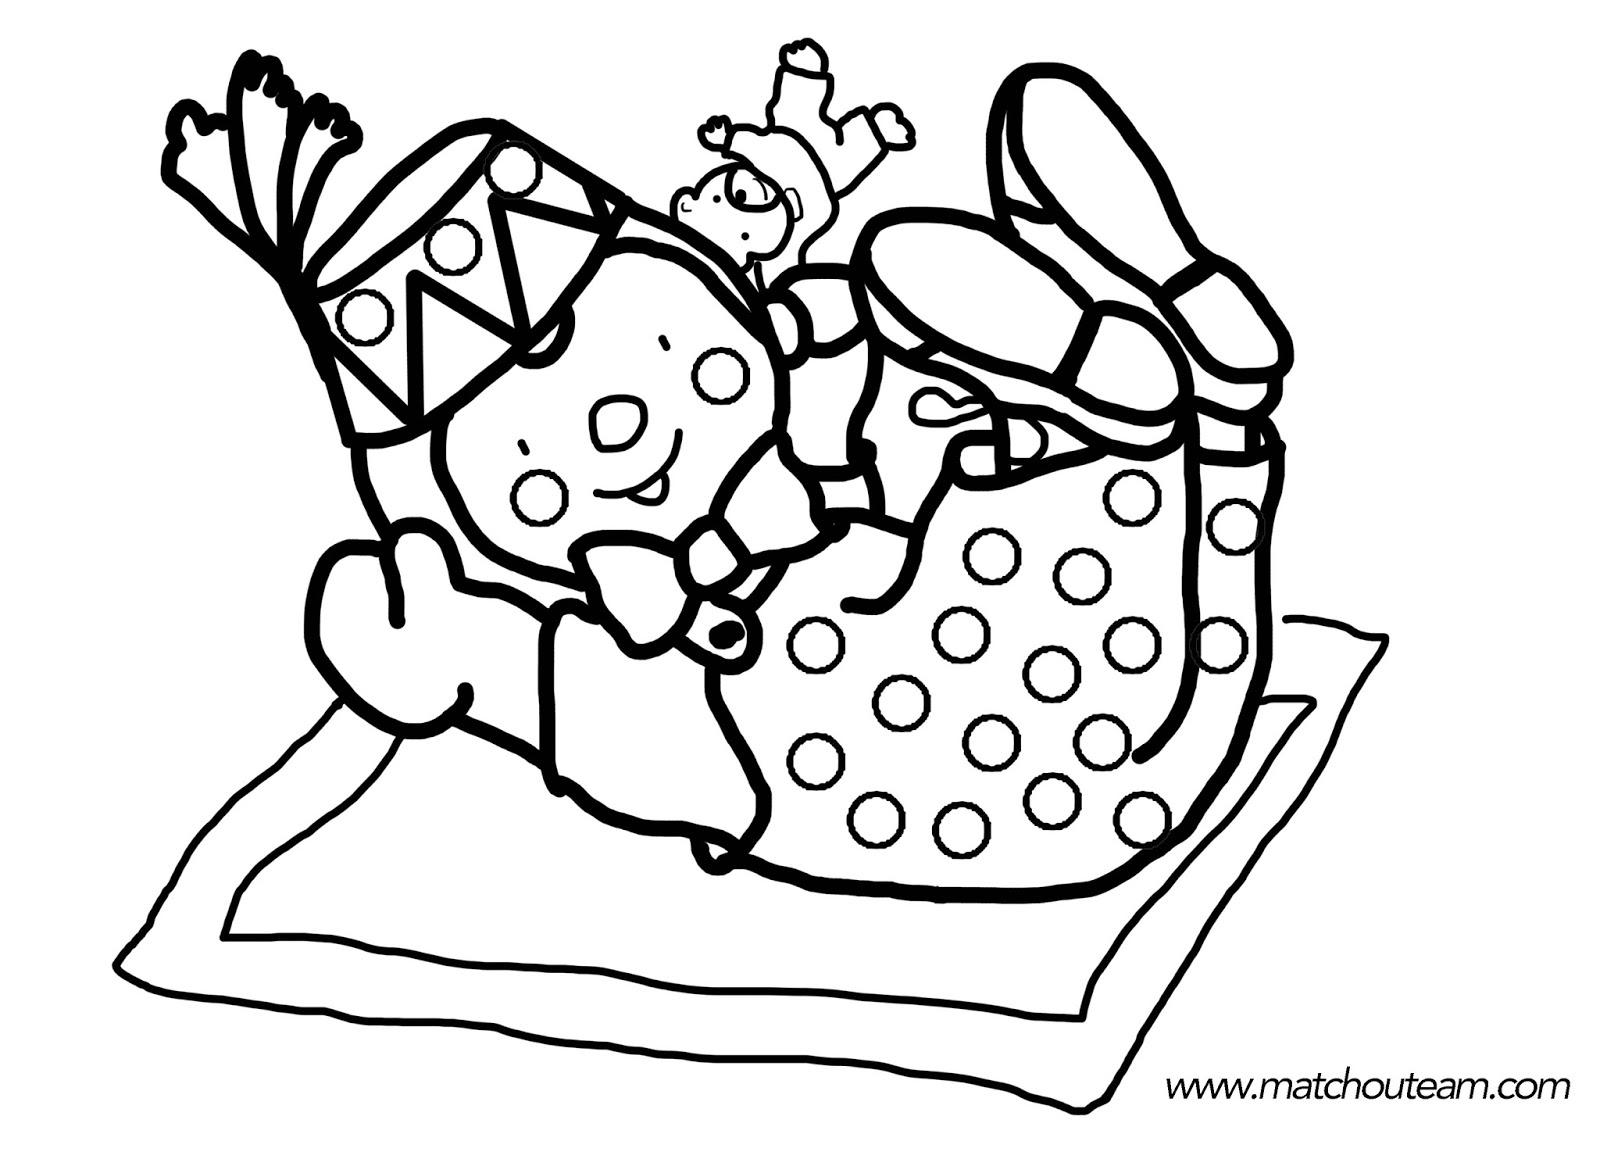 T'choupi Et Doudou #18 (Dessins Animés) – Coloriages À Imprimer pour Coloriage De Tchoupi Et Doudou